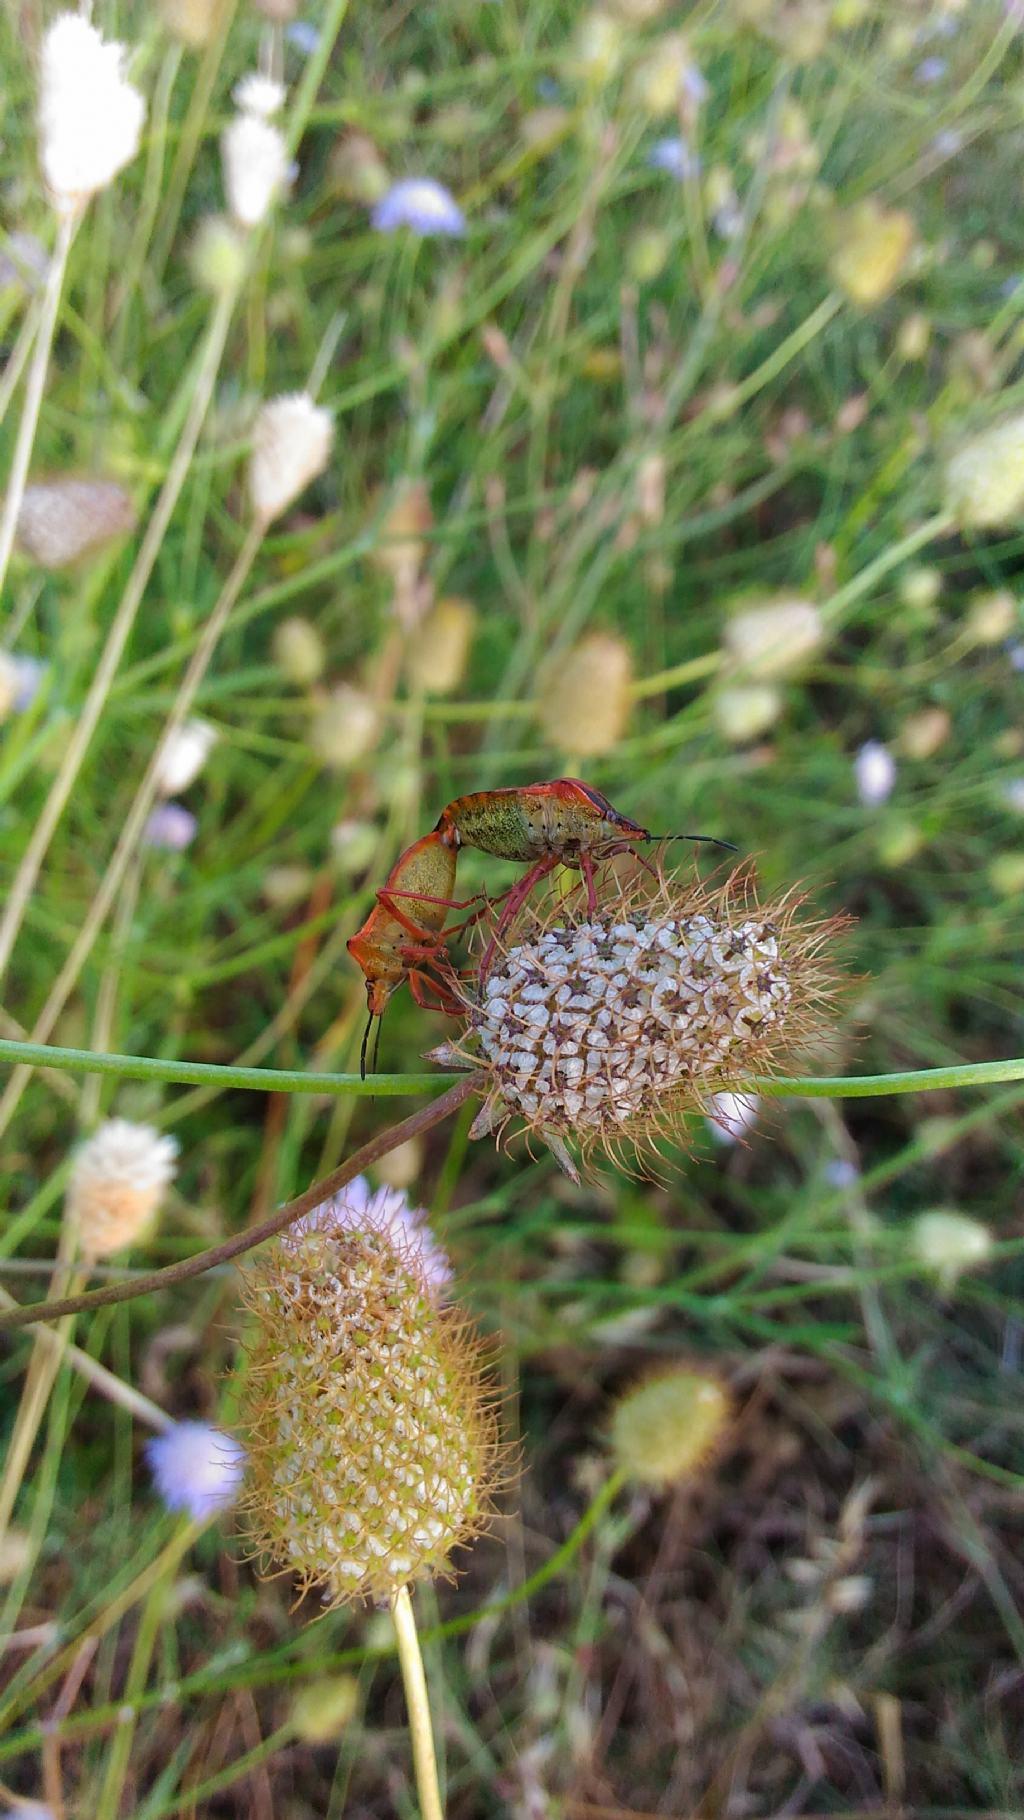 Grosse cimici rosse codophila varia pentatomidae for Cimici rosse